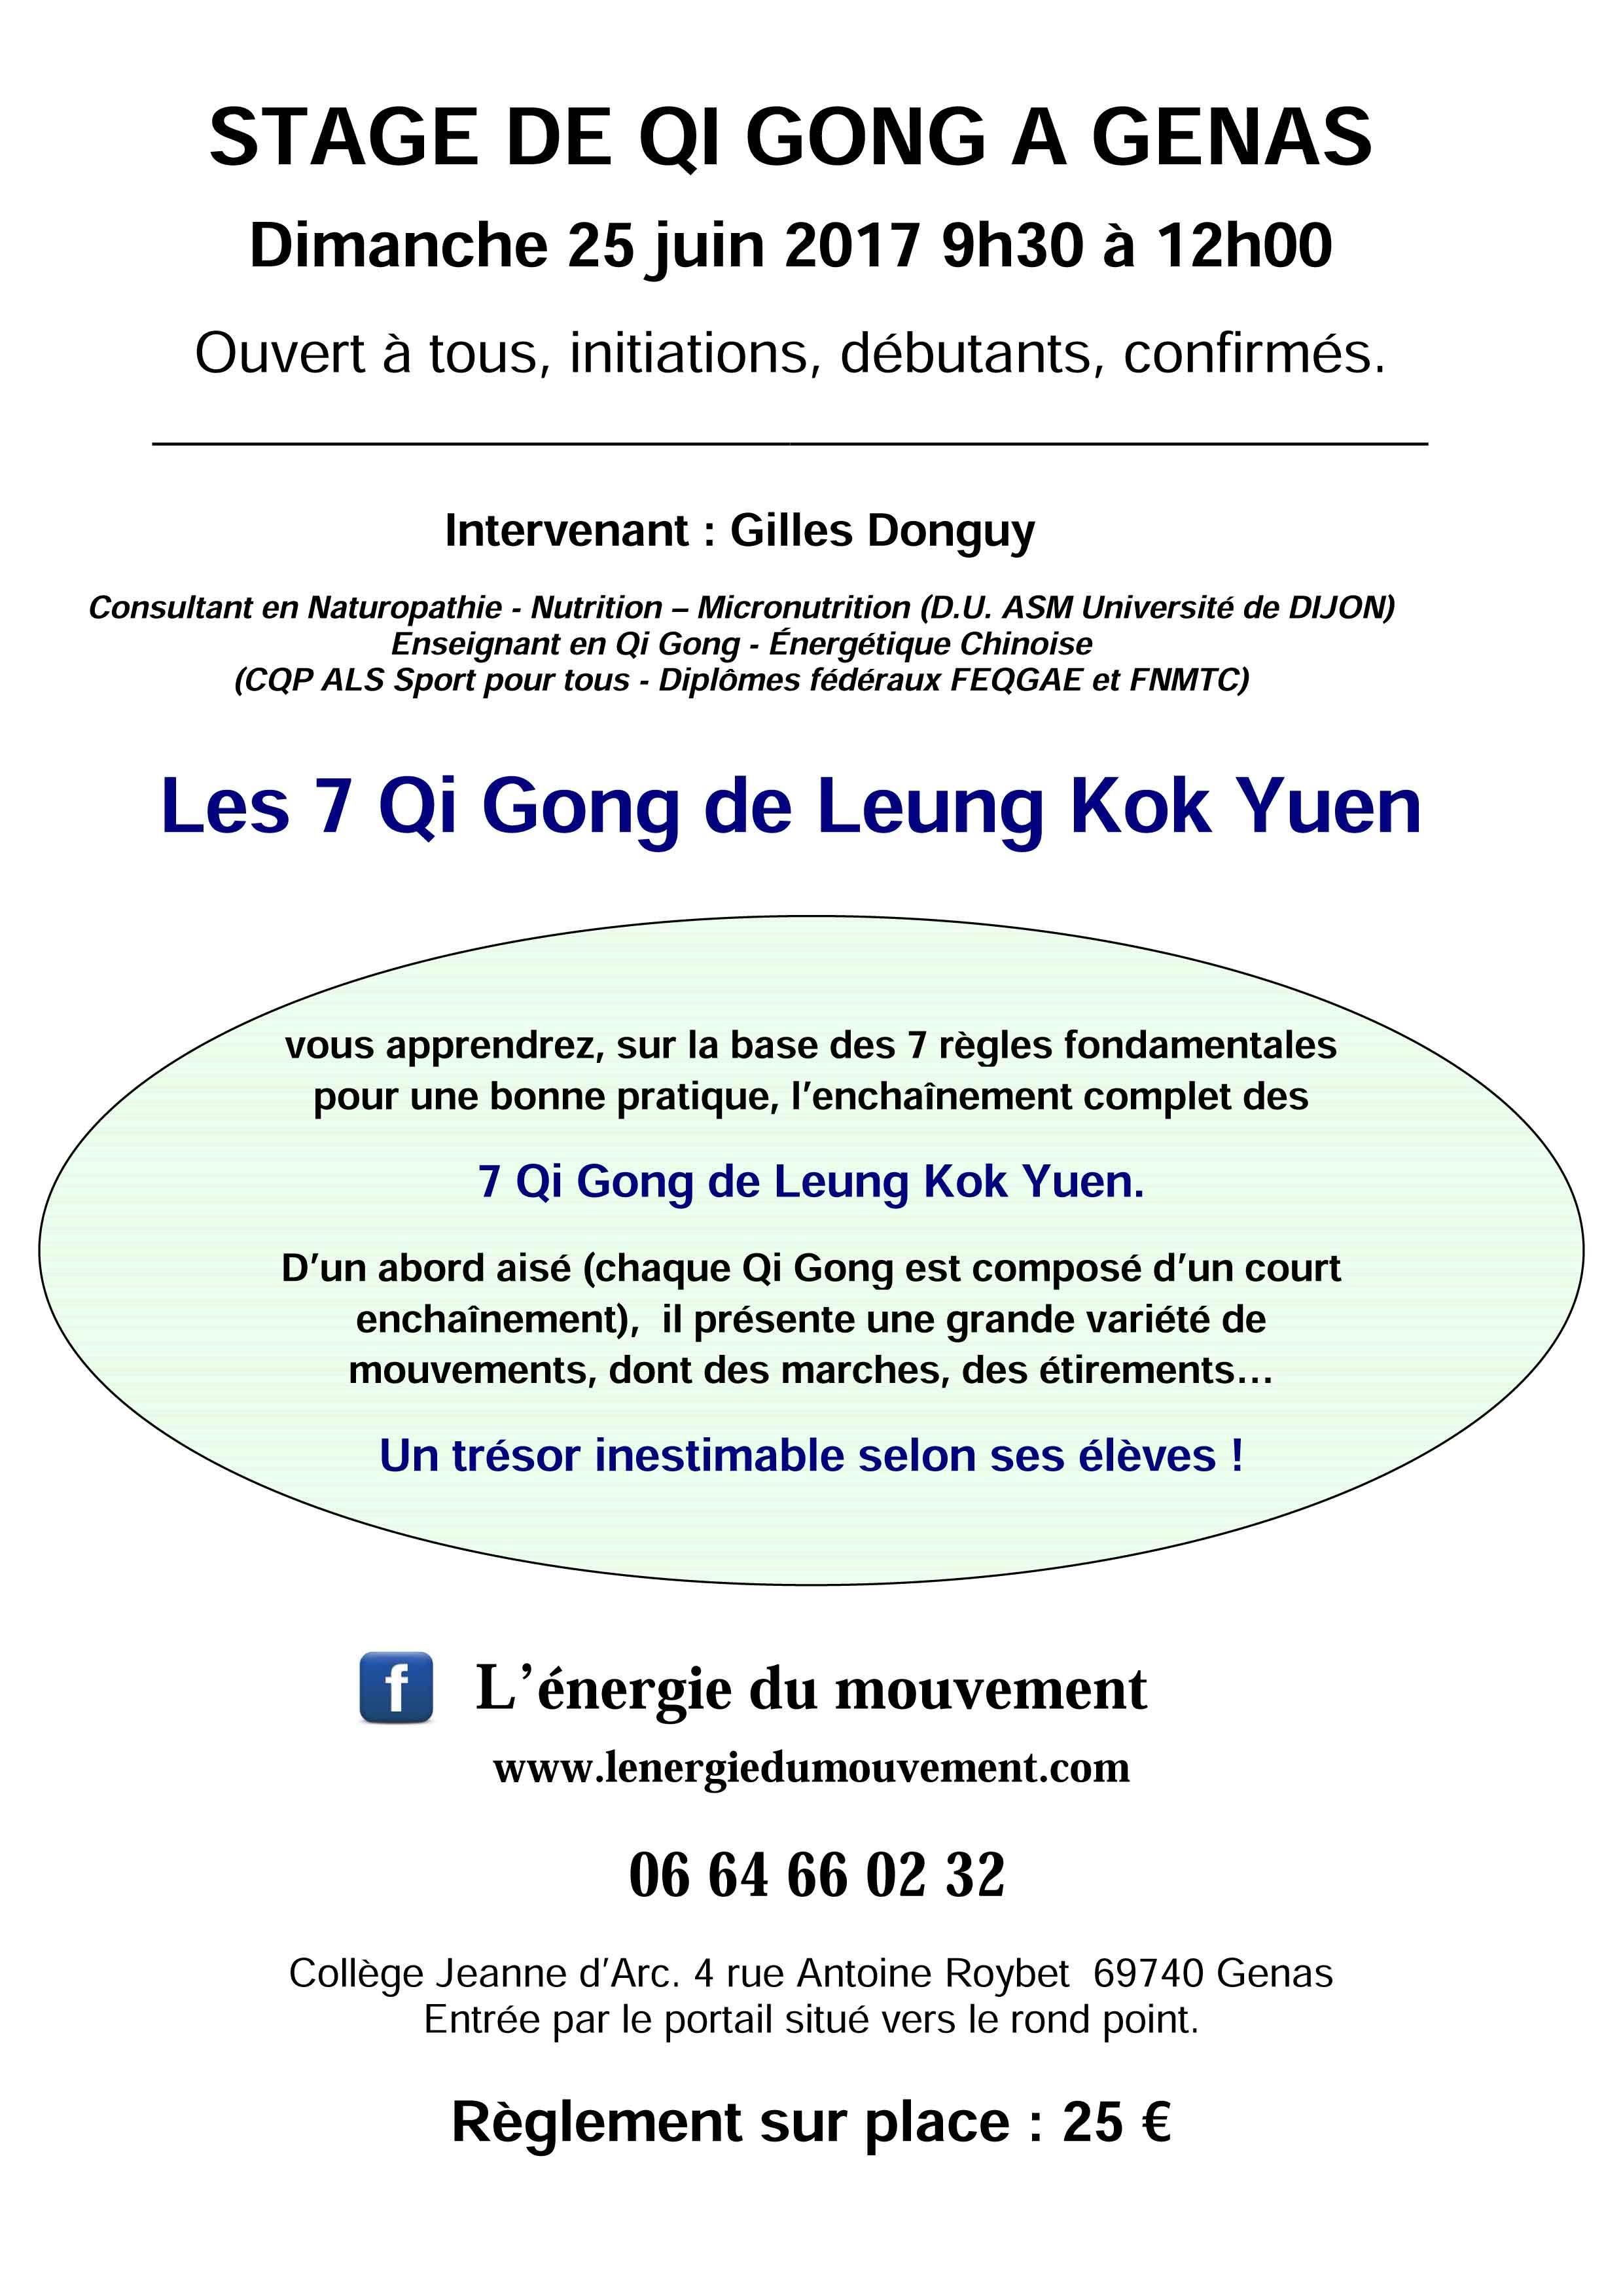 7-Qi-Gong-de-Leung-Kok-Yuen